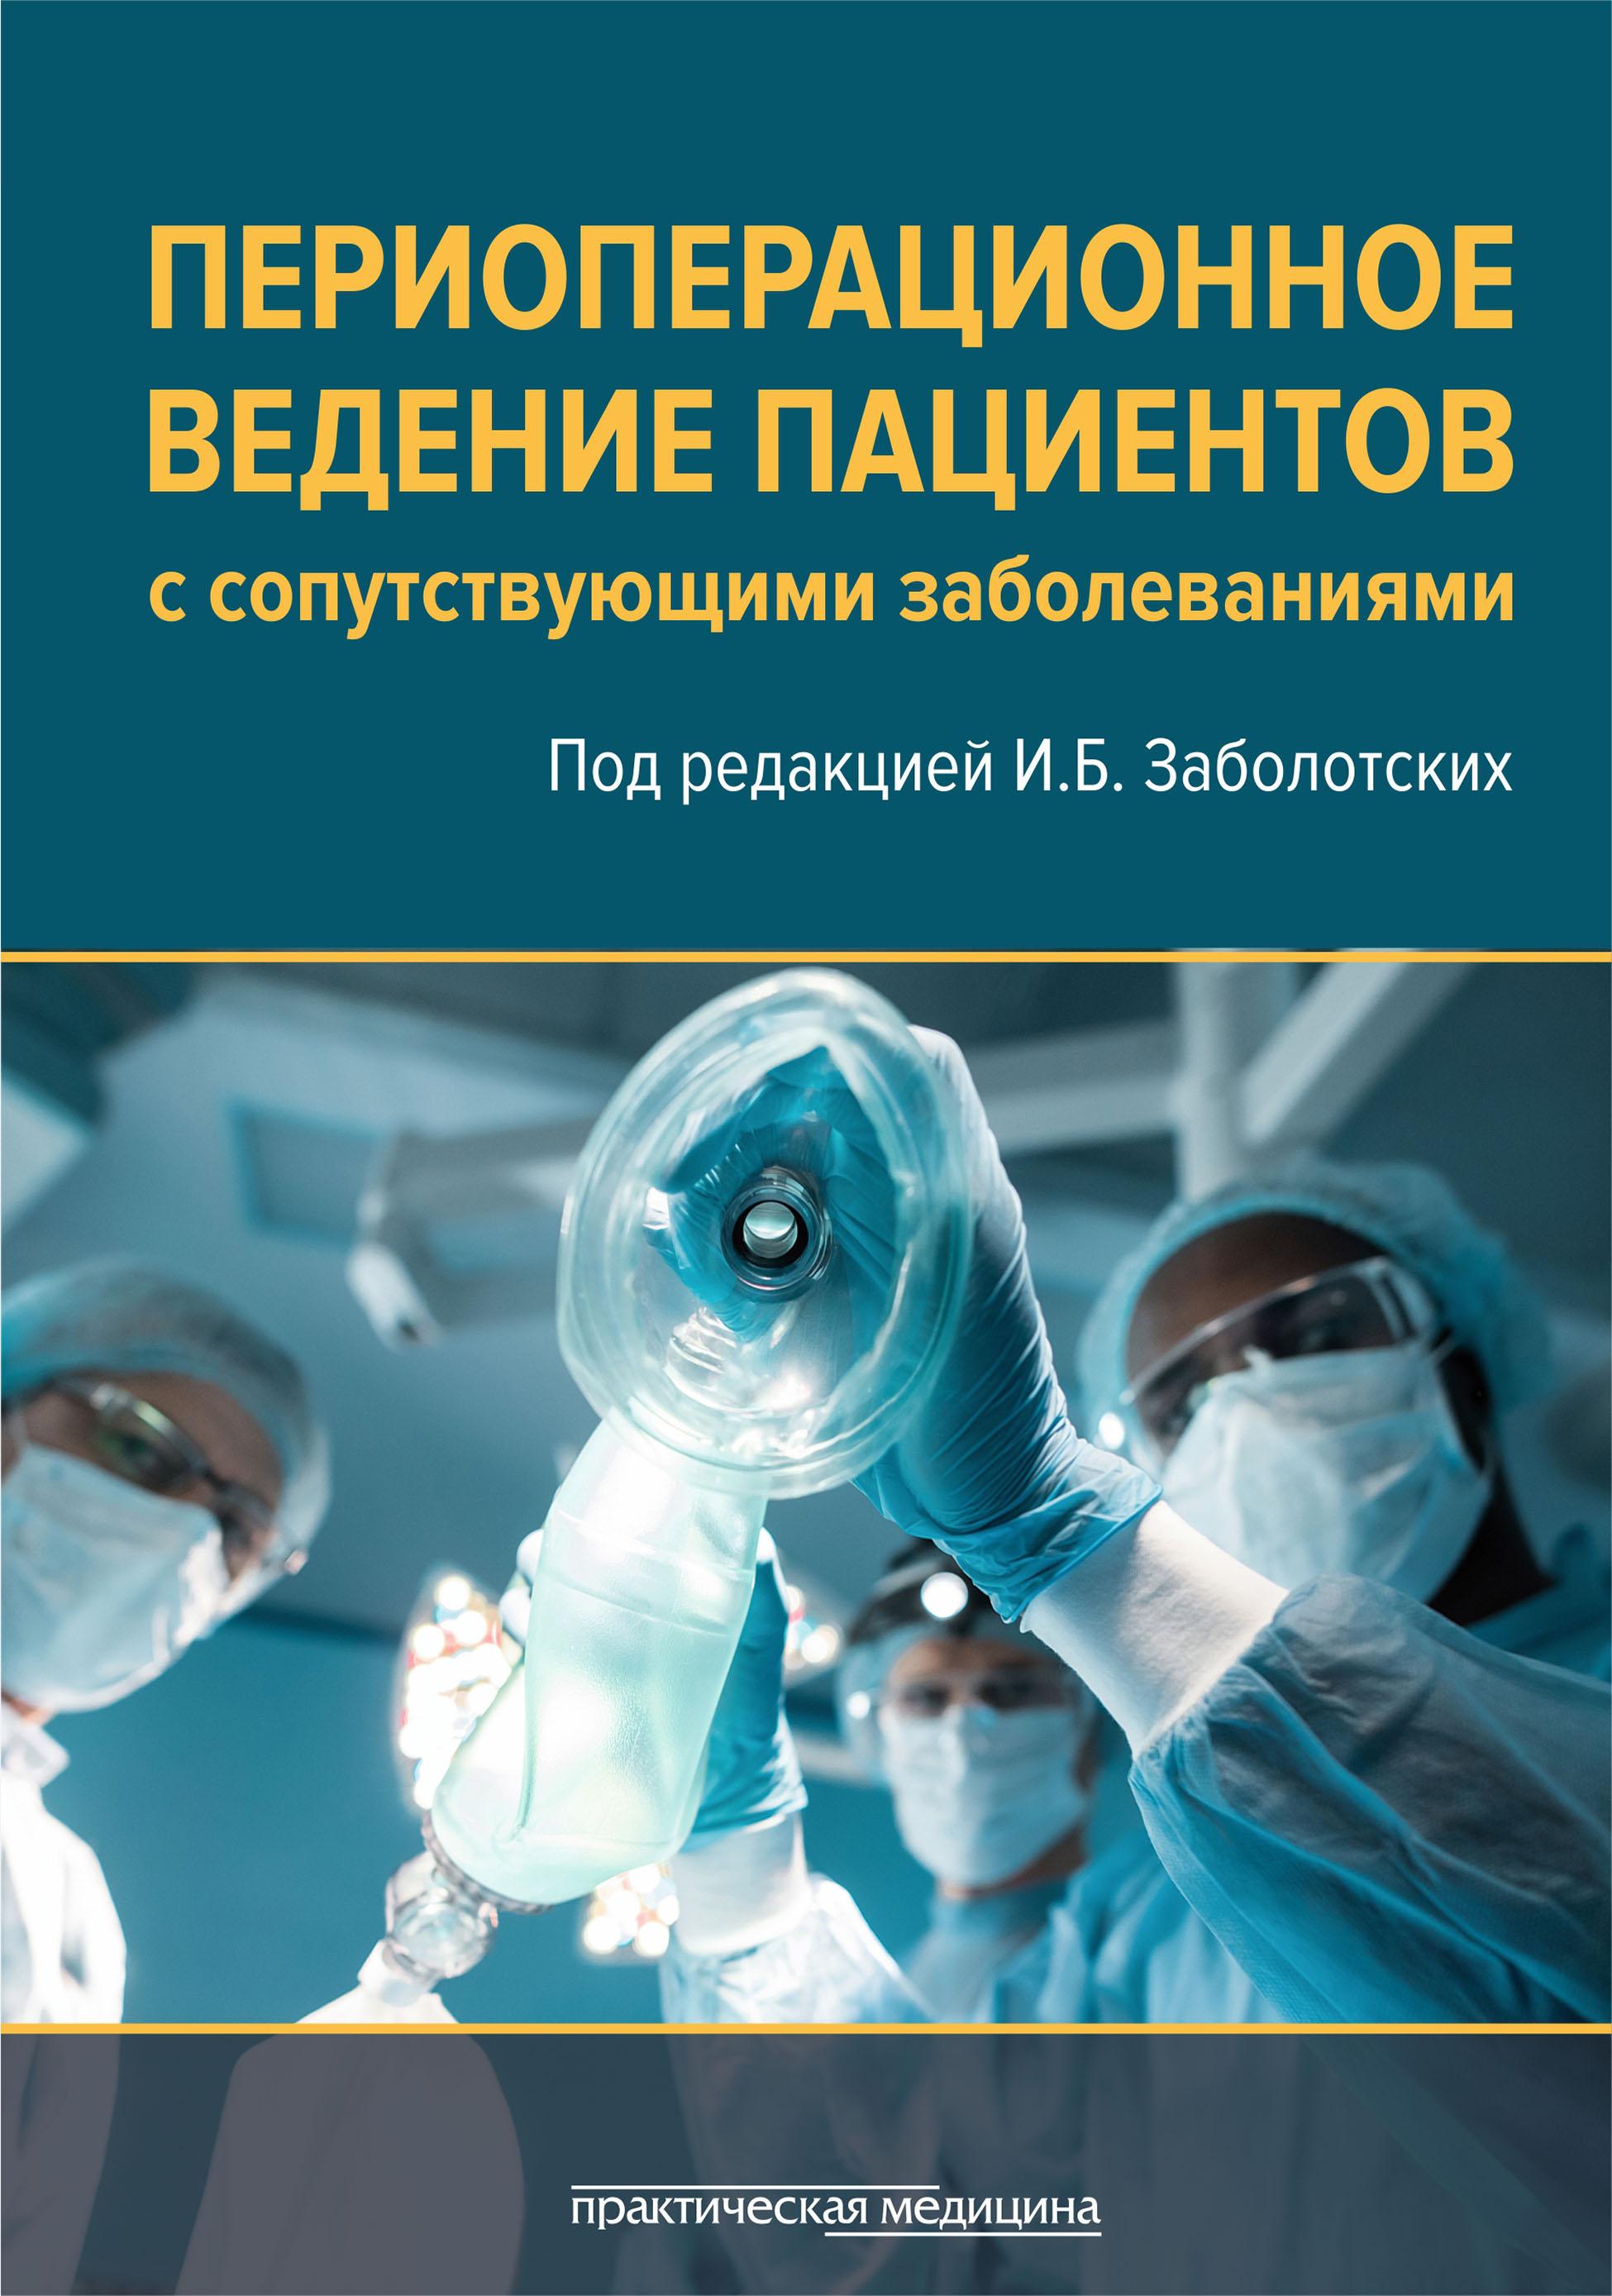 Периоперационное ведение пациентов с сопутствующими заболеваниями. Руководство для врачей